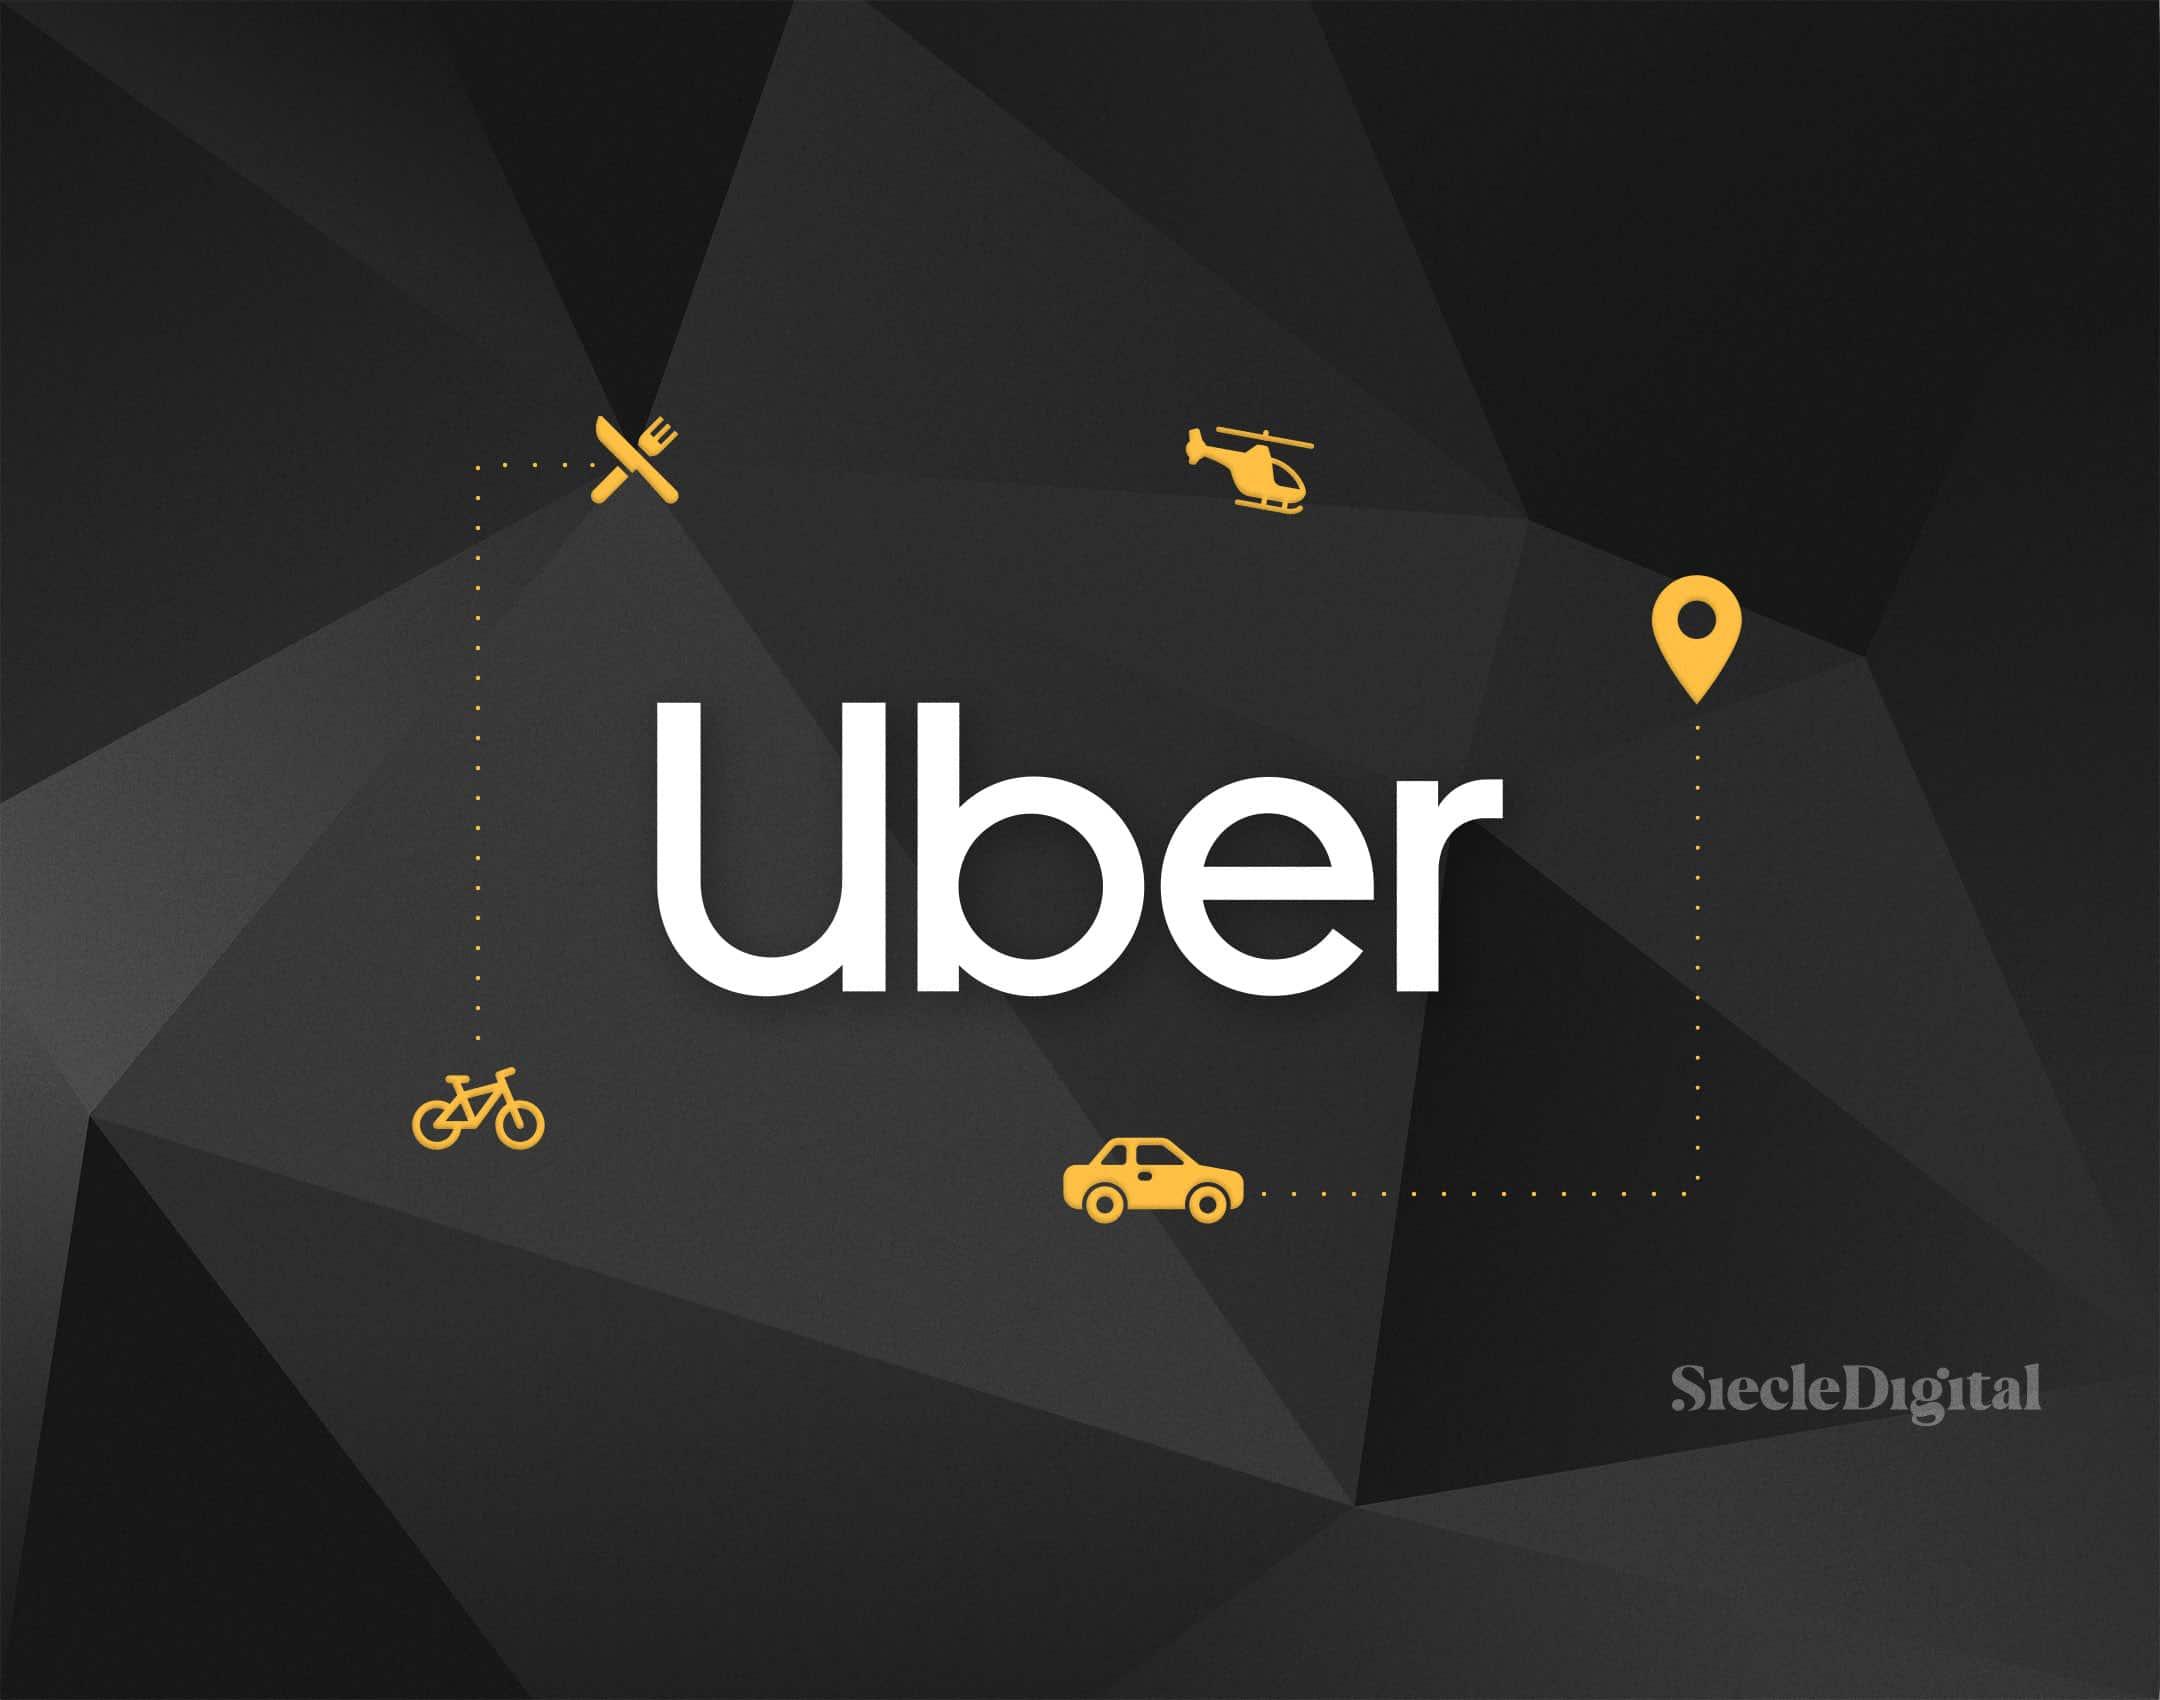 États-Unis : Uber promet de payer une assurance maladie à ses chauffeurs, puis se rétracte